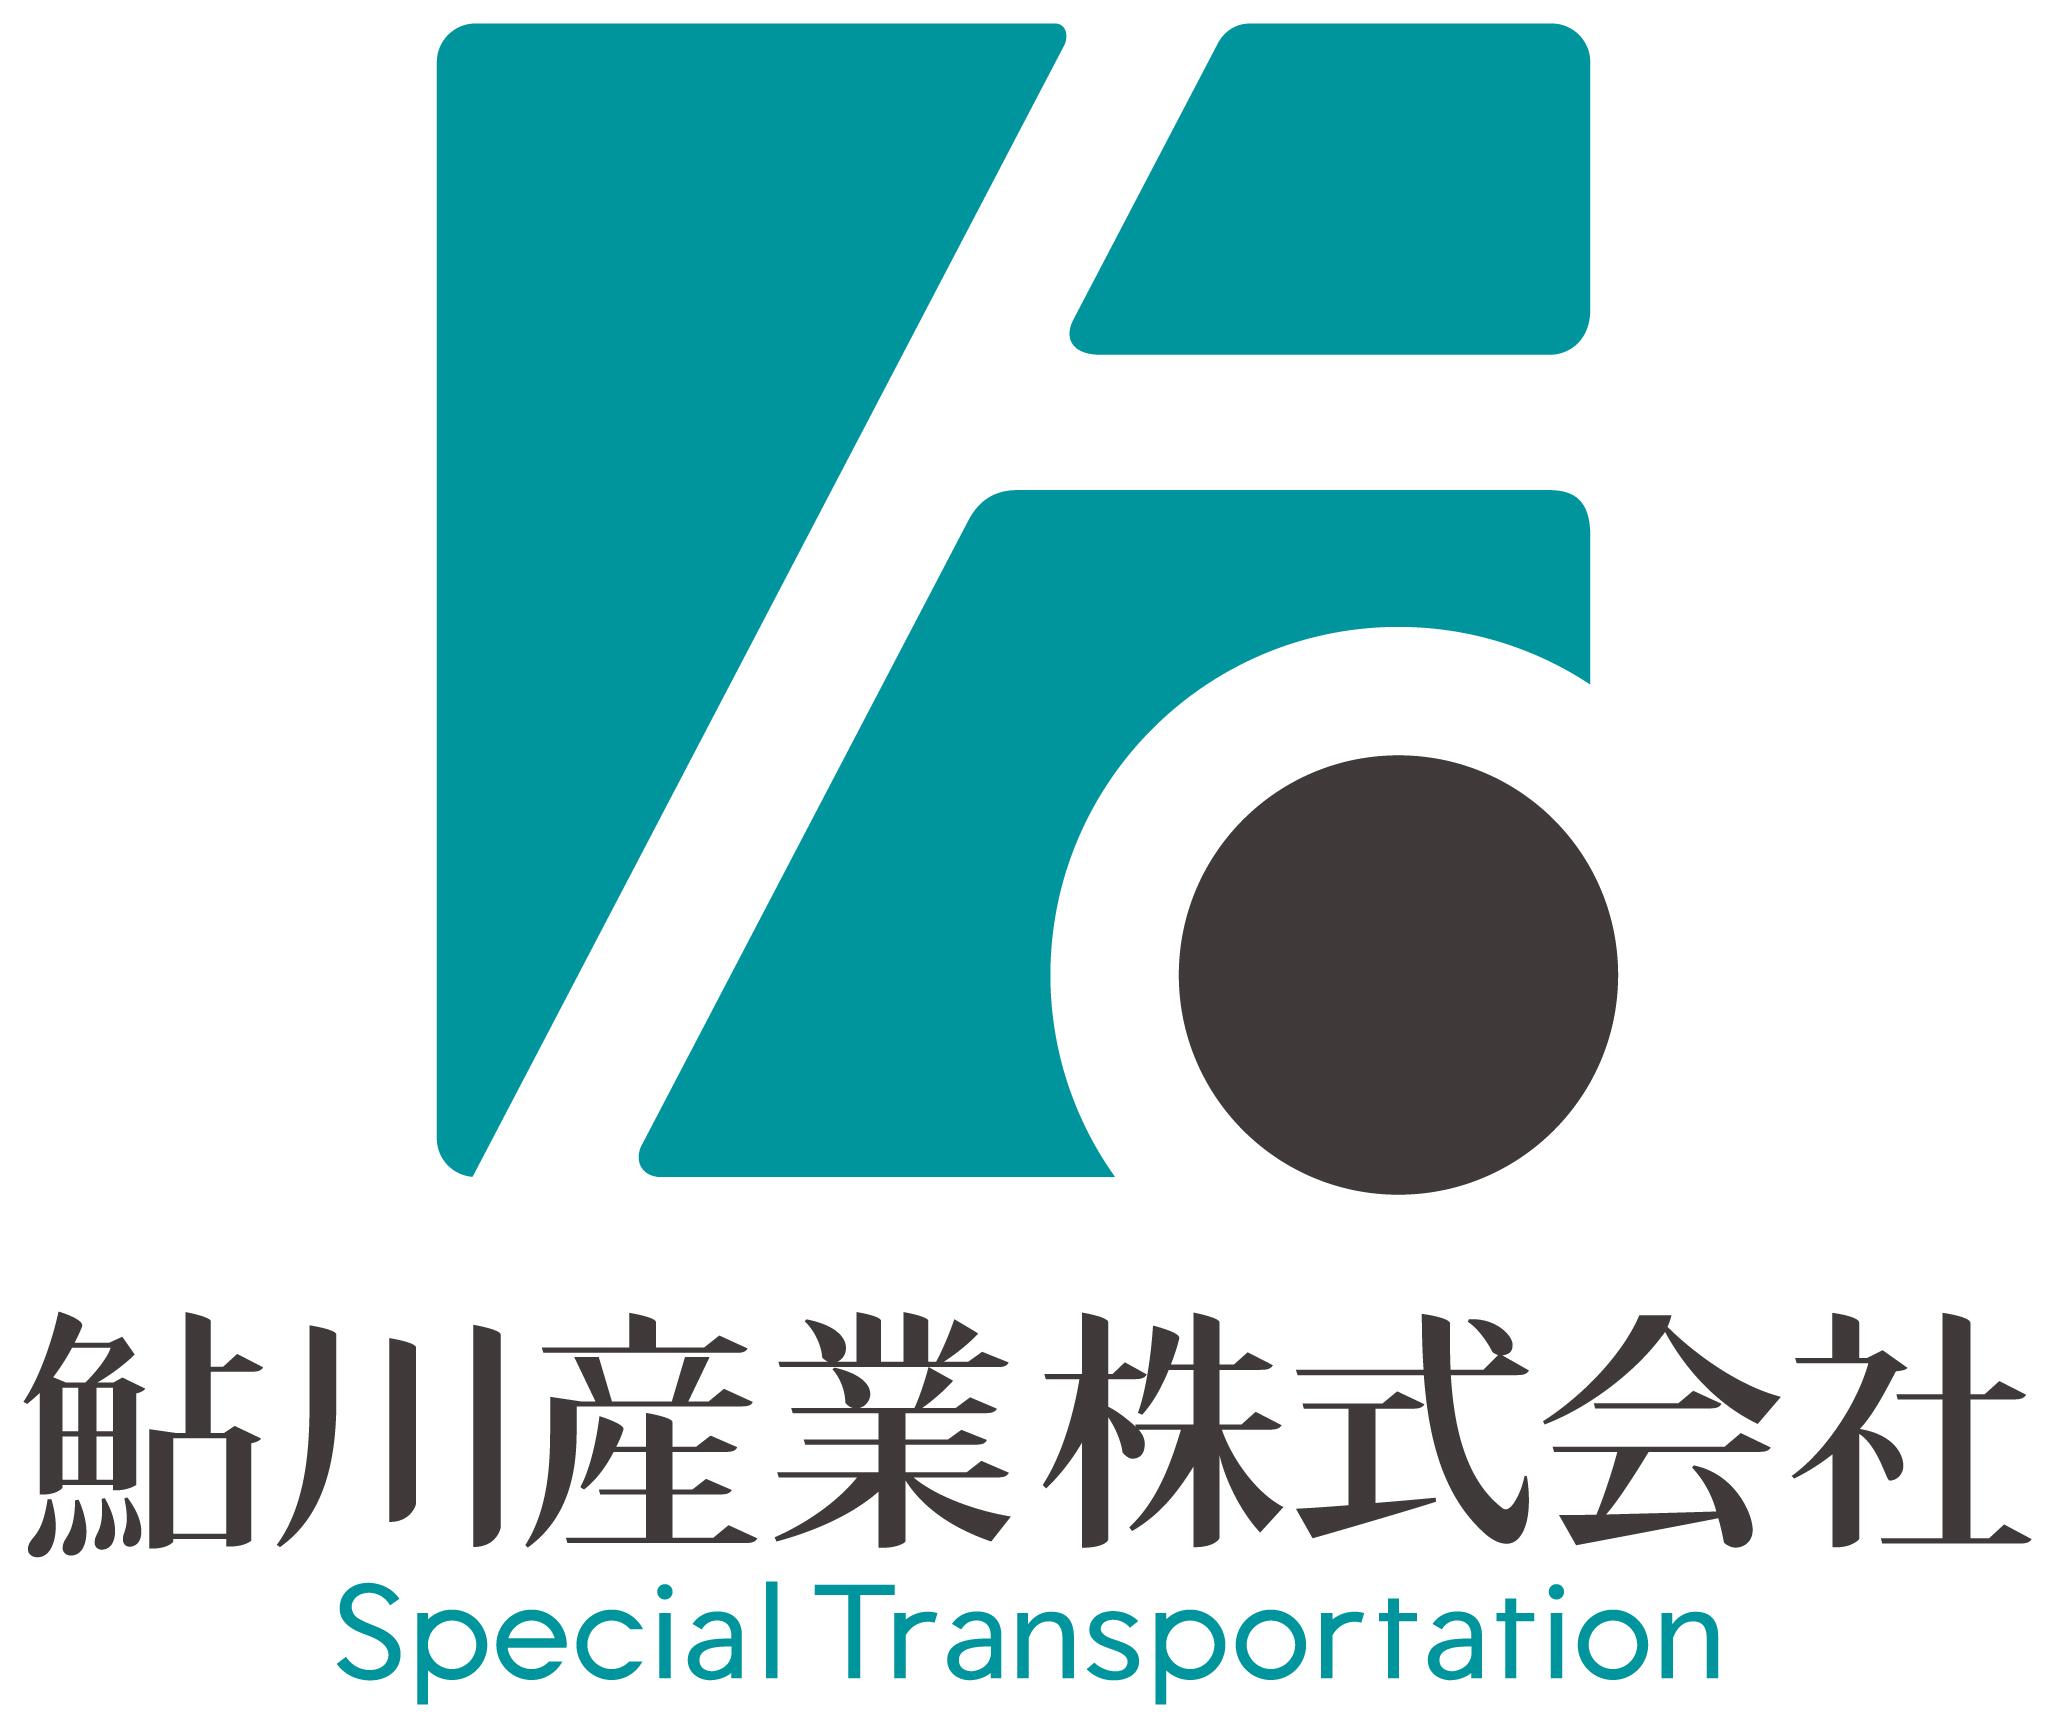 物流/運送とシンプルと青のロゴ